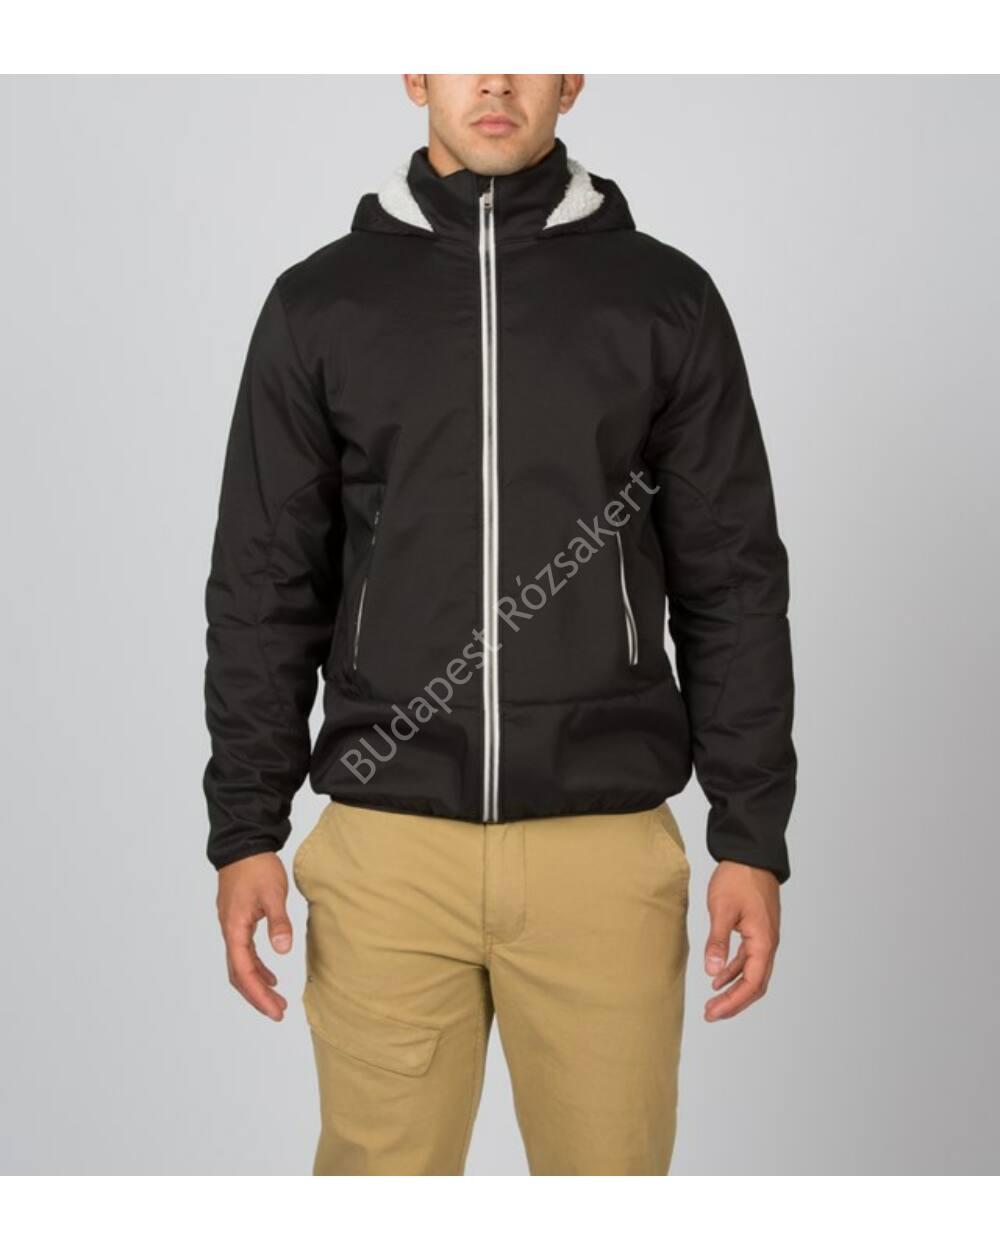 Spyder Halcyon softshell férfi kabát szőrös polár belsővel, fekete, XL